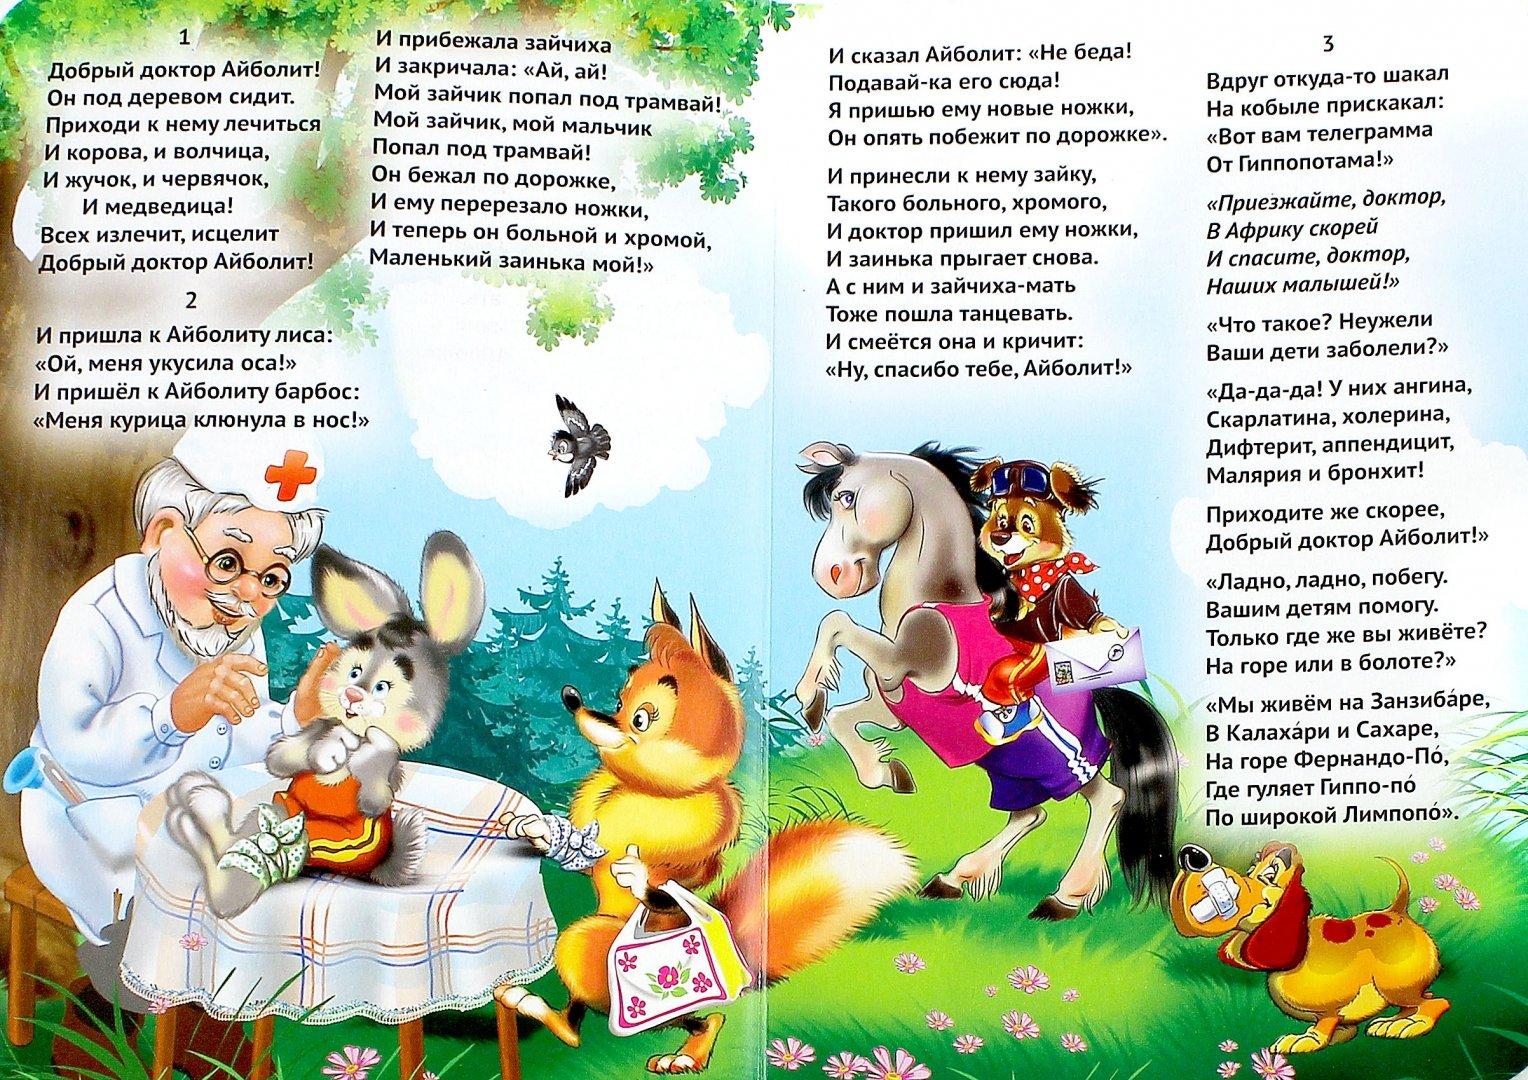 Сказки чуковского для детей с картинками яркими